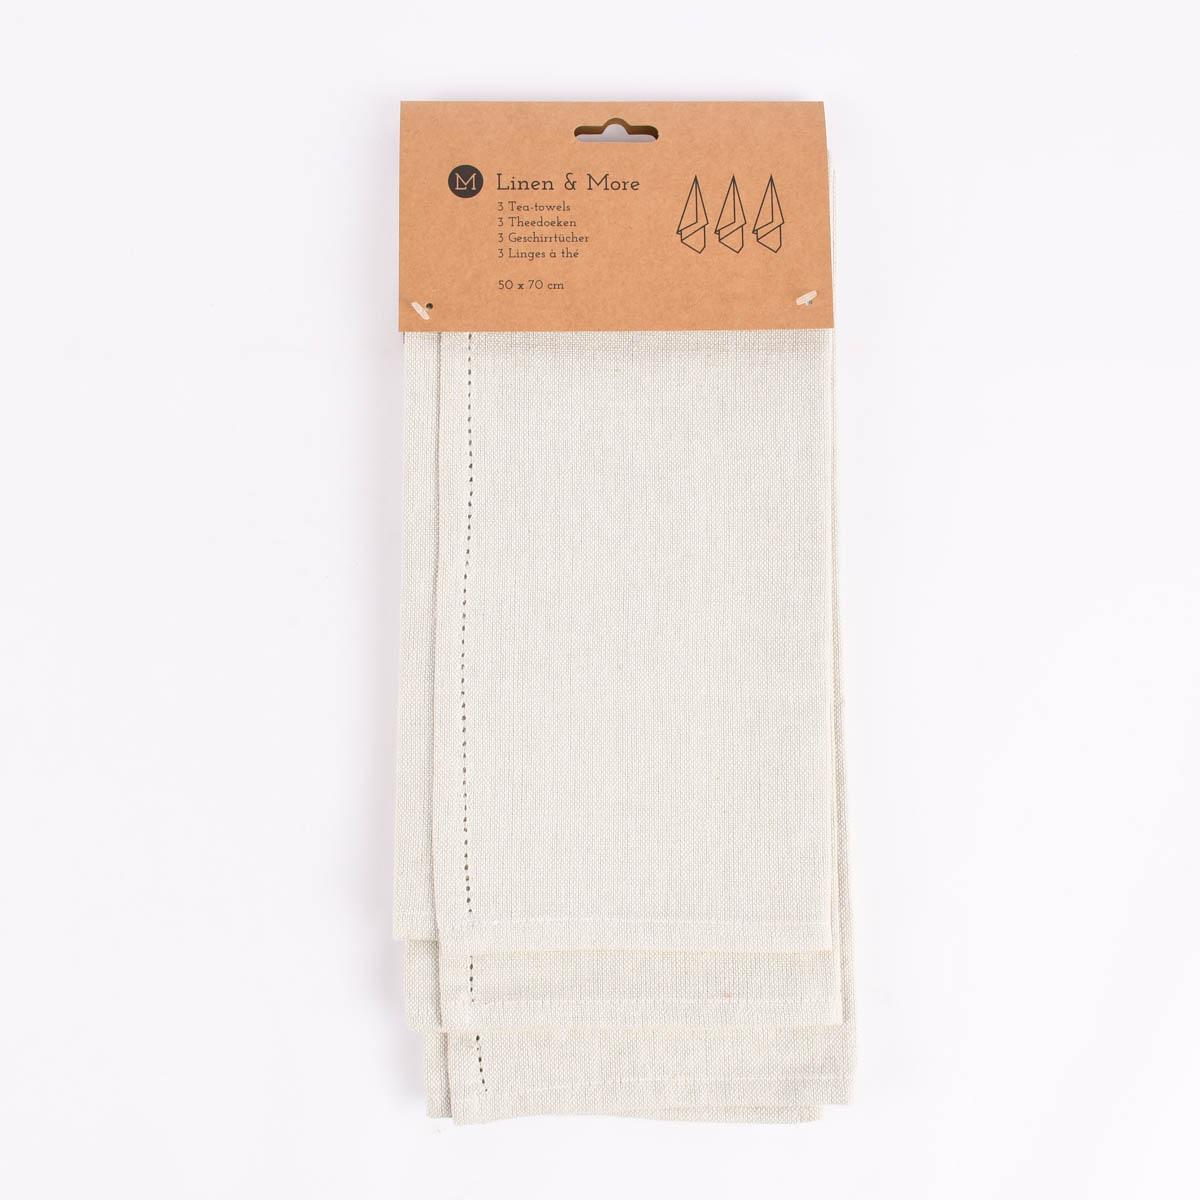 Linen & More 3er Set Geschirrtücher Indi einfarbig ivory 50x70cm